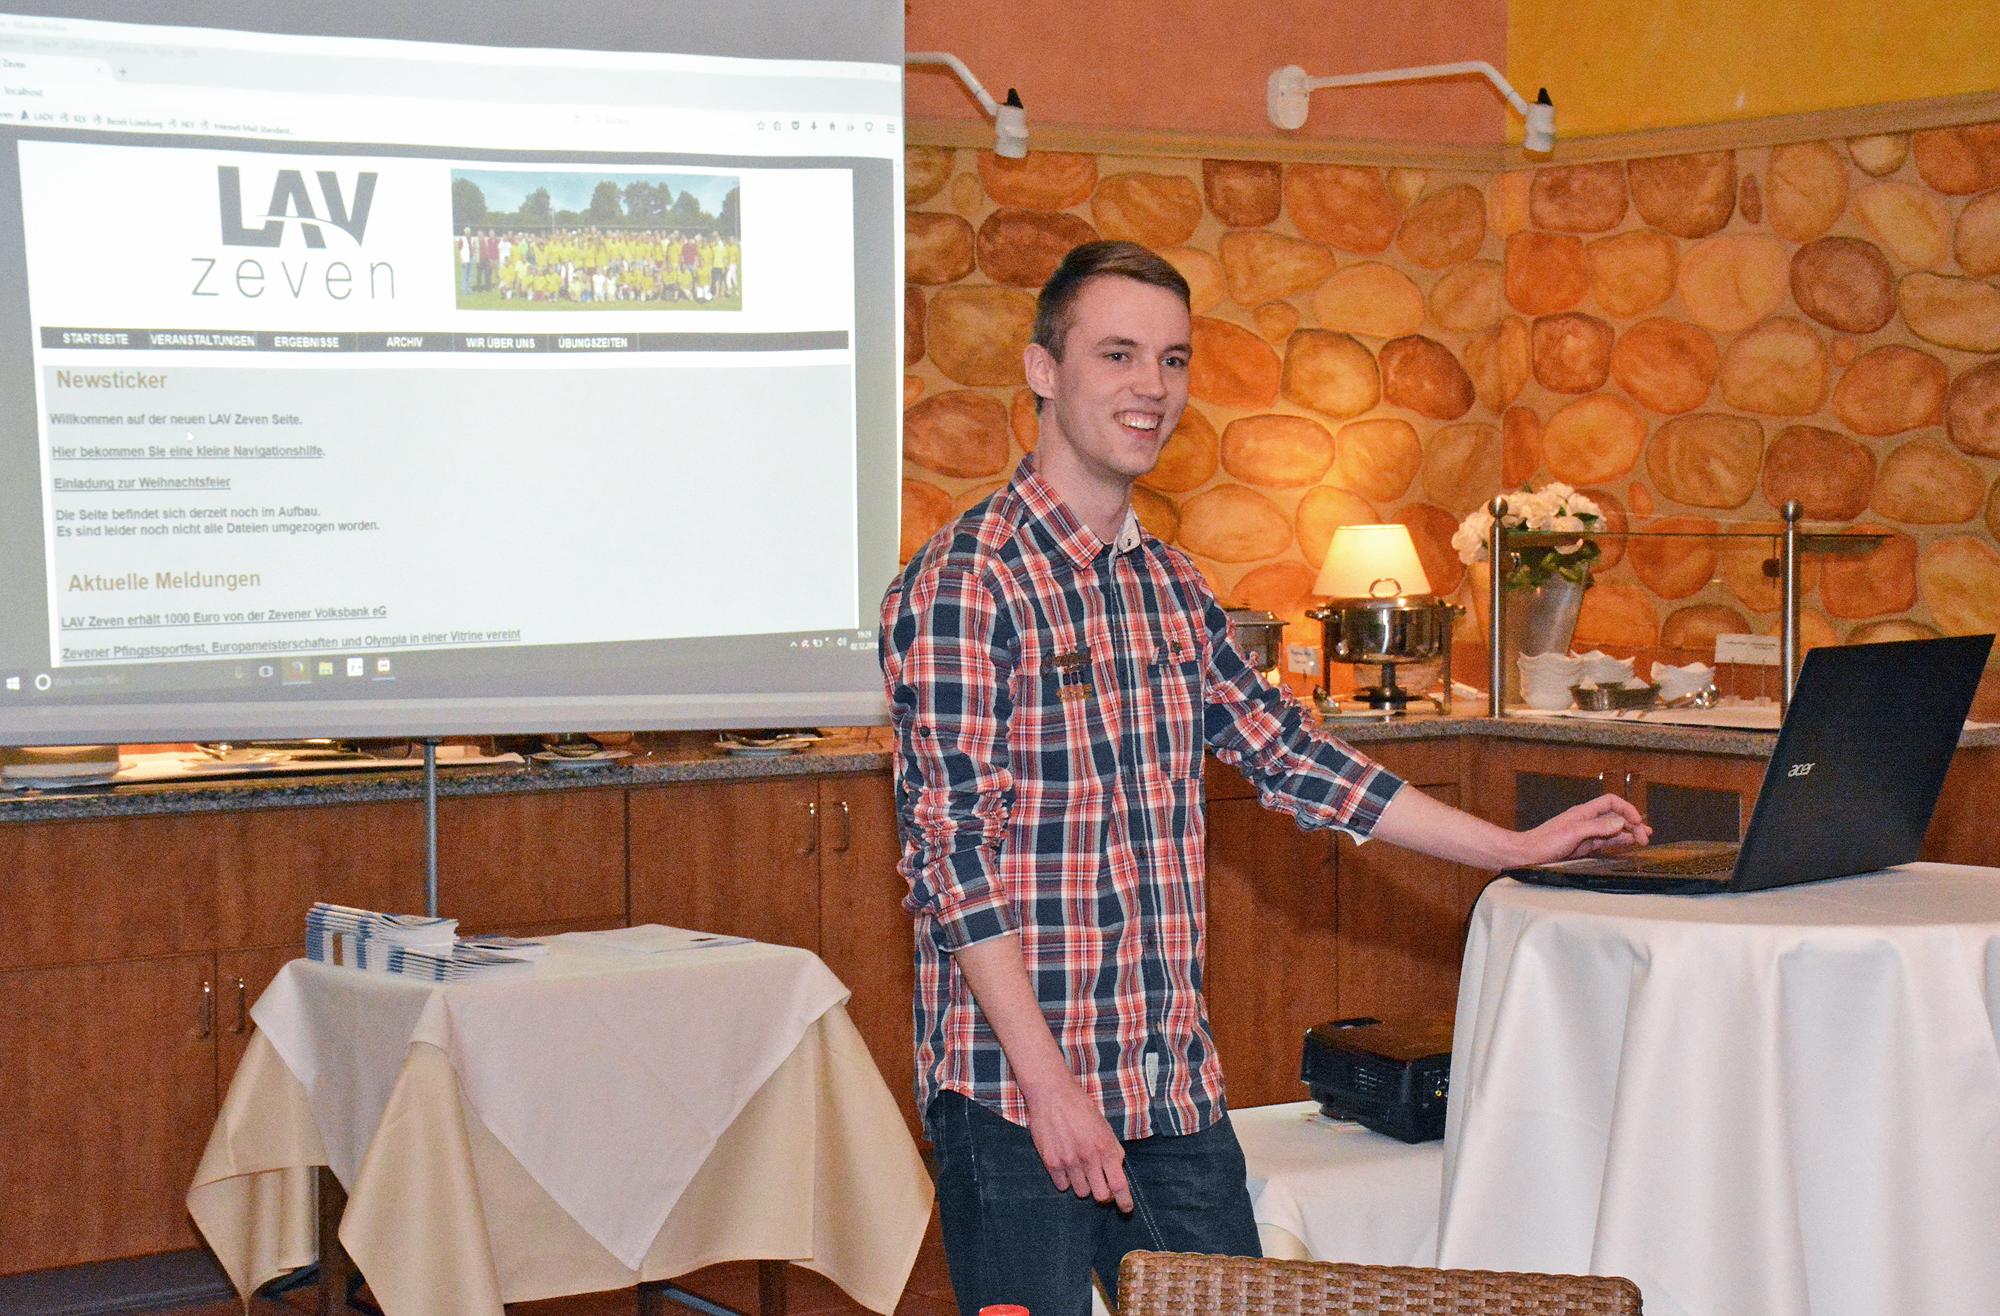 zi04: Steffen Meinke präsentierte das neue Erscheinungsbild der Homepage der LAV Zeven.